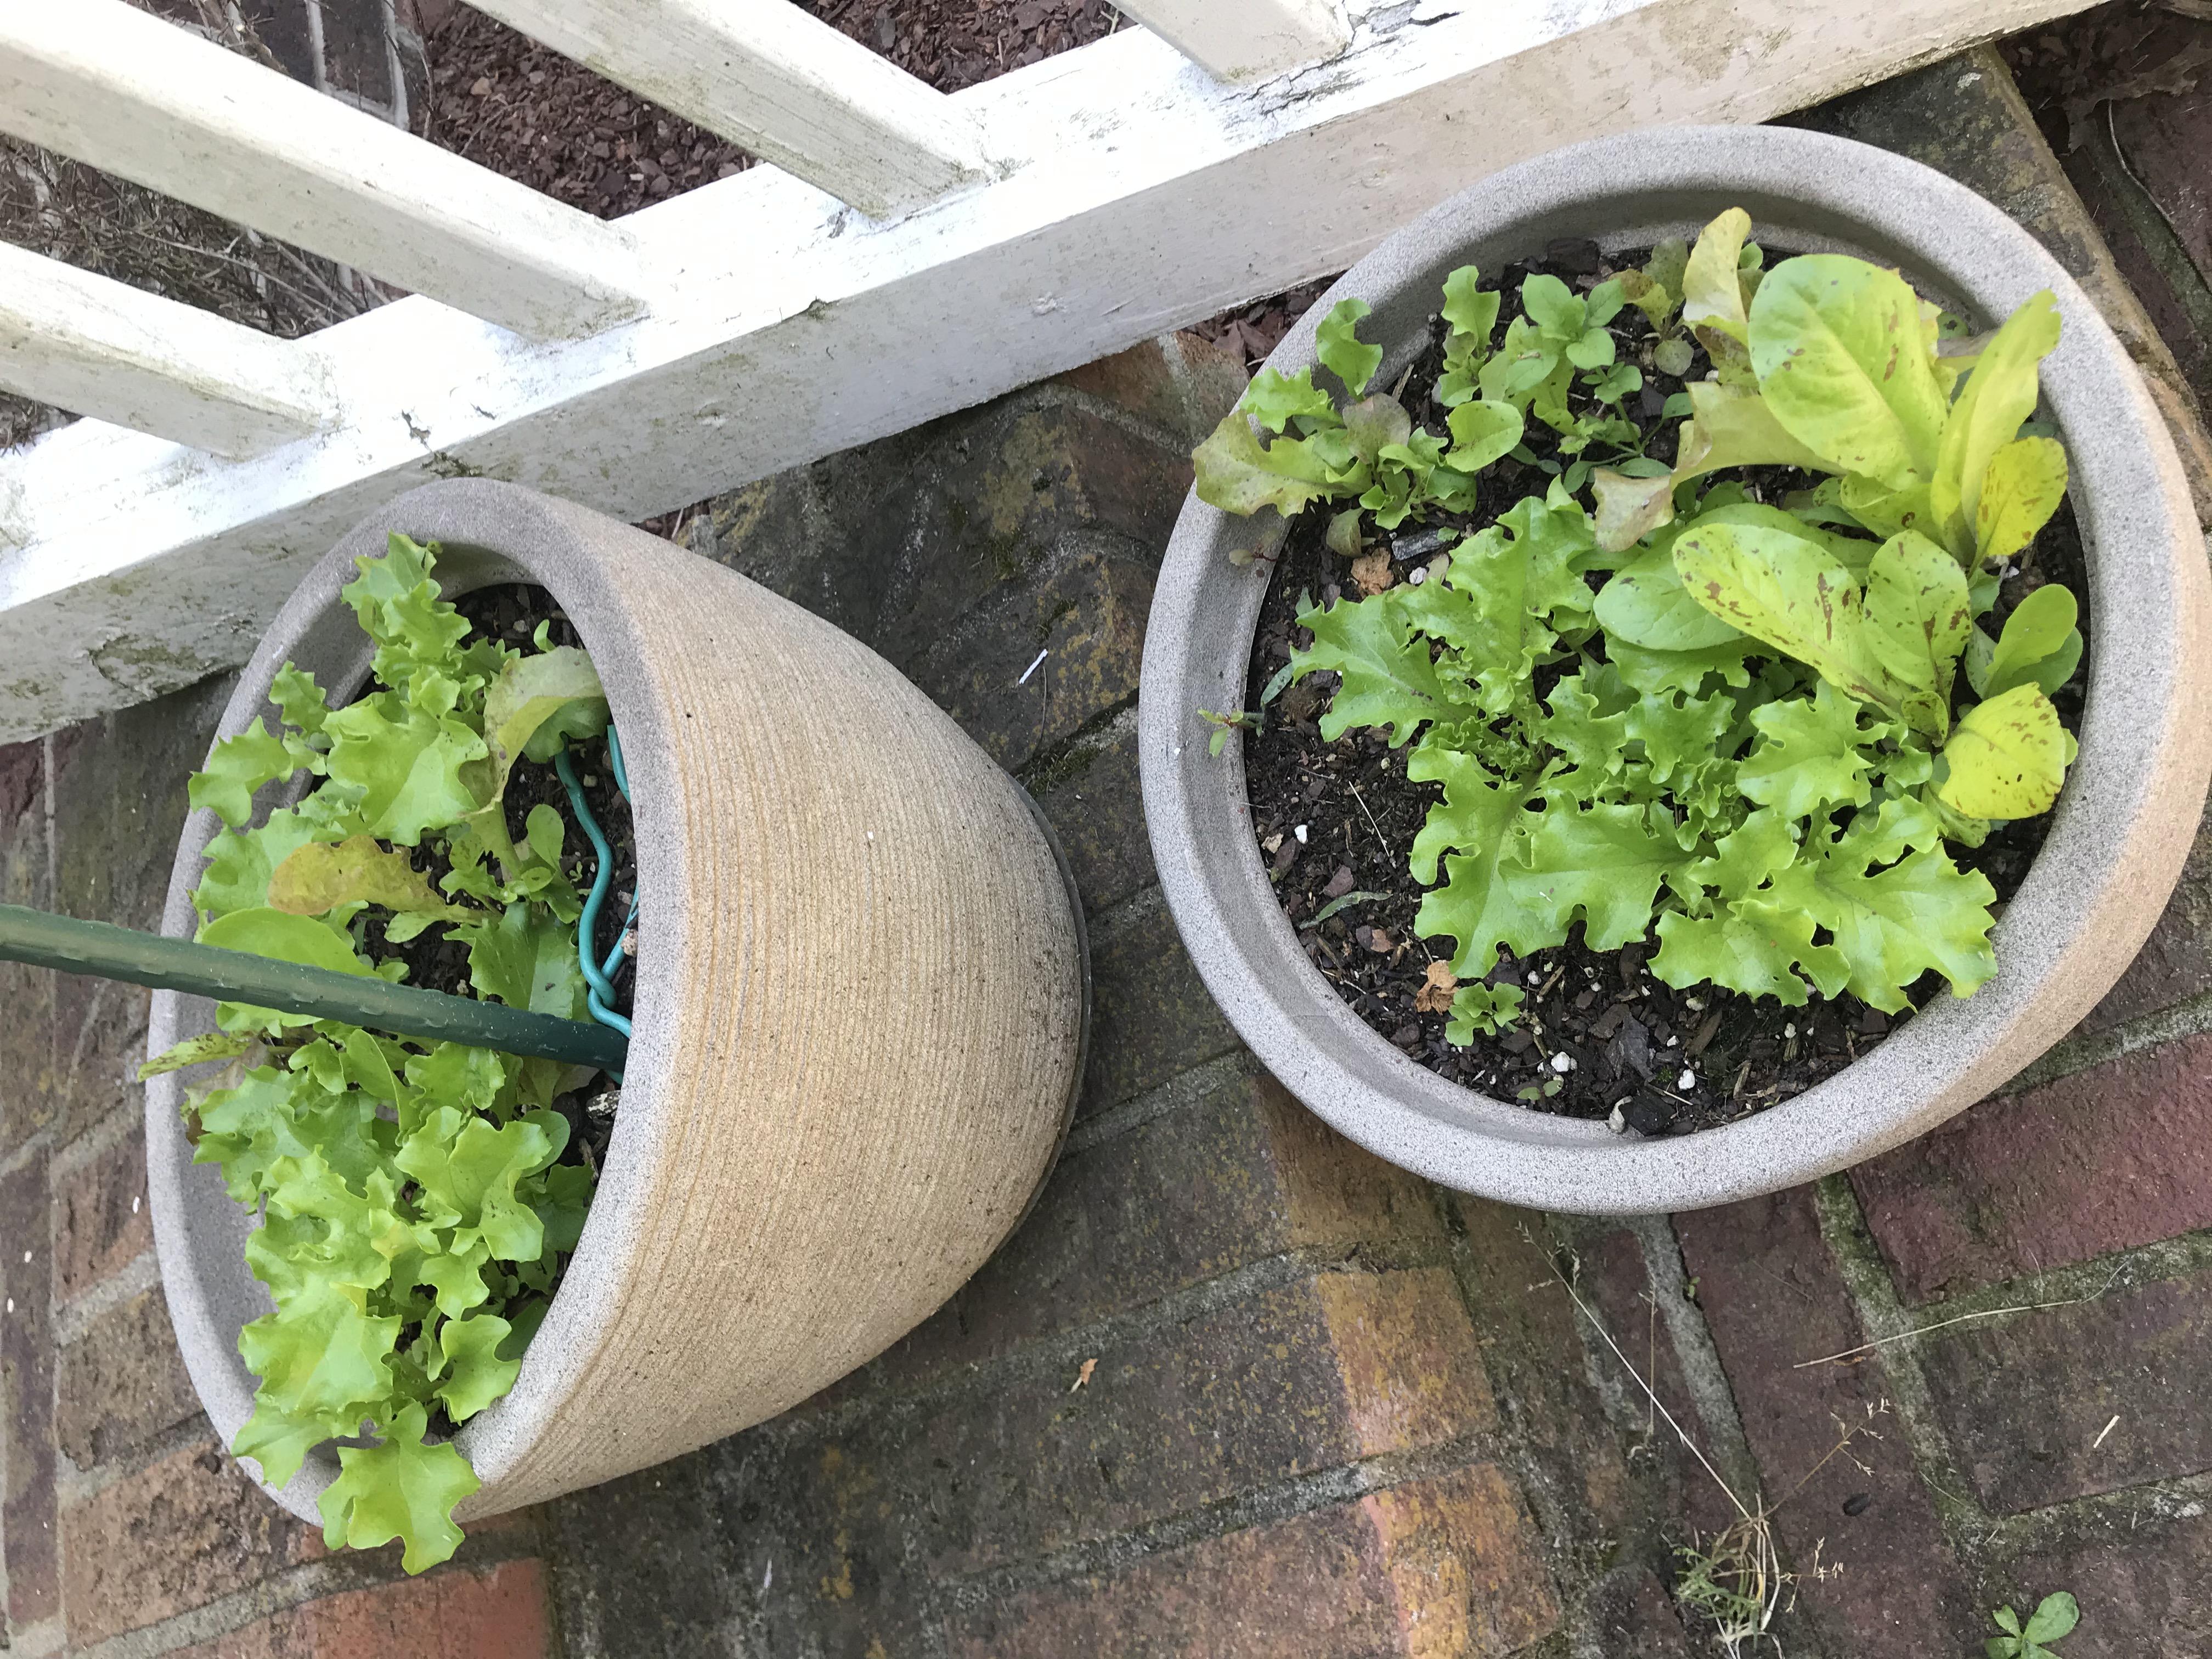 lett-uce growing in pots